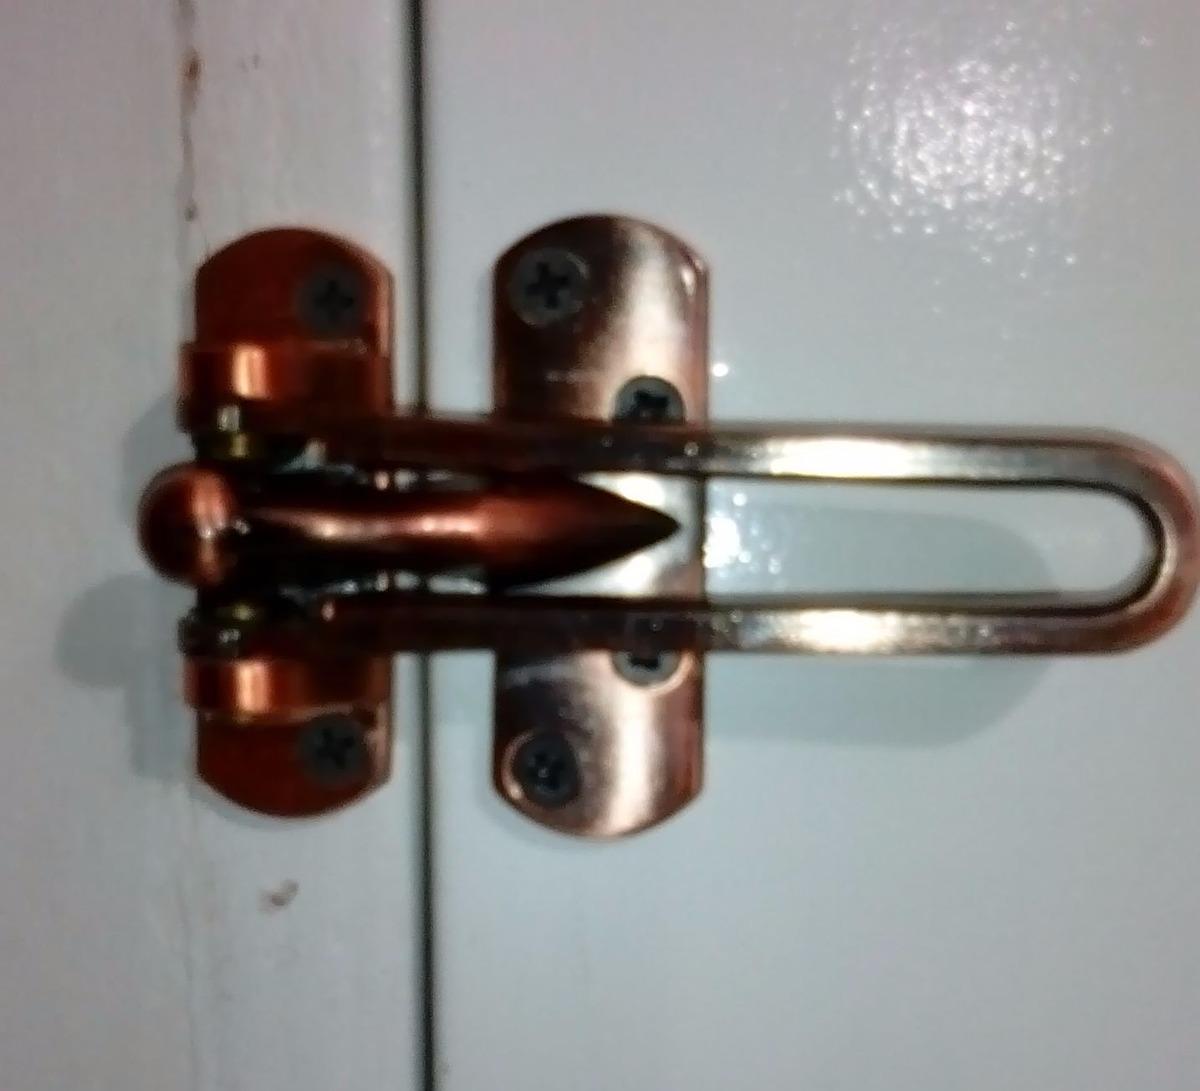 Seguro protector cerrojo para puerta picaporte de for Cerrojo para puerta de bano